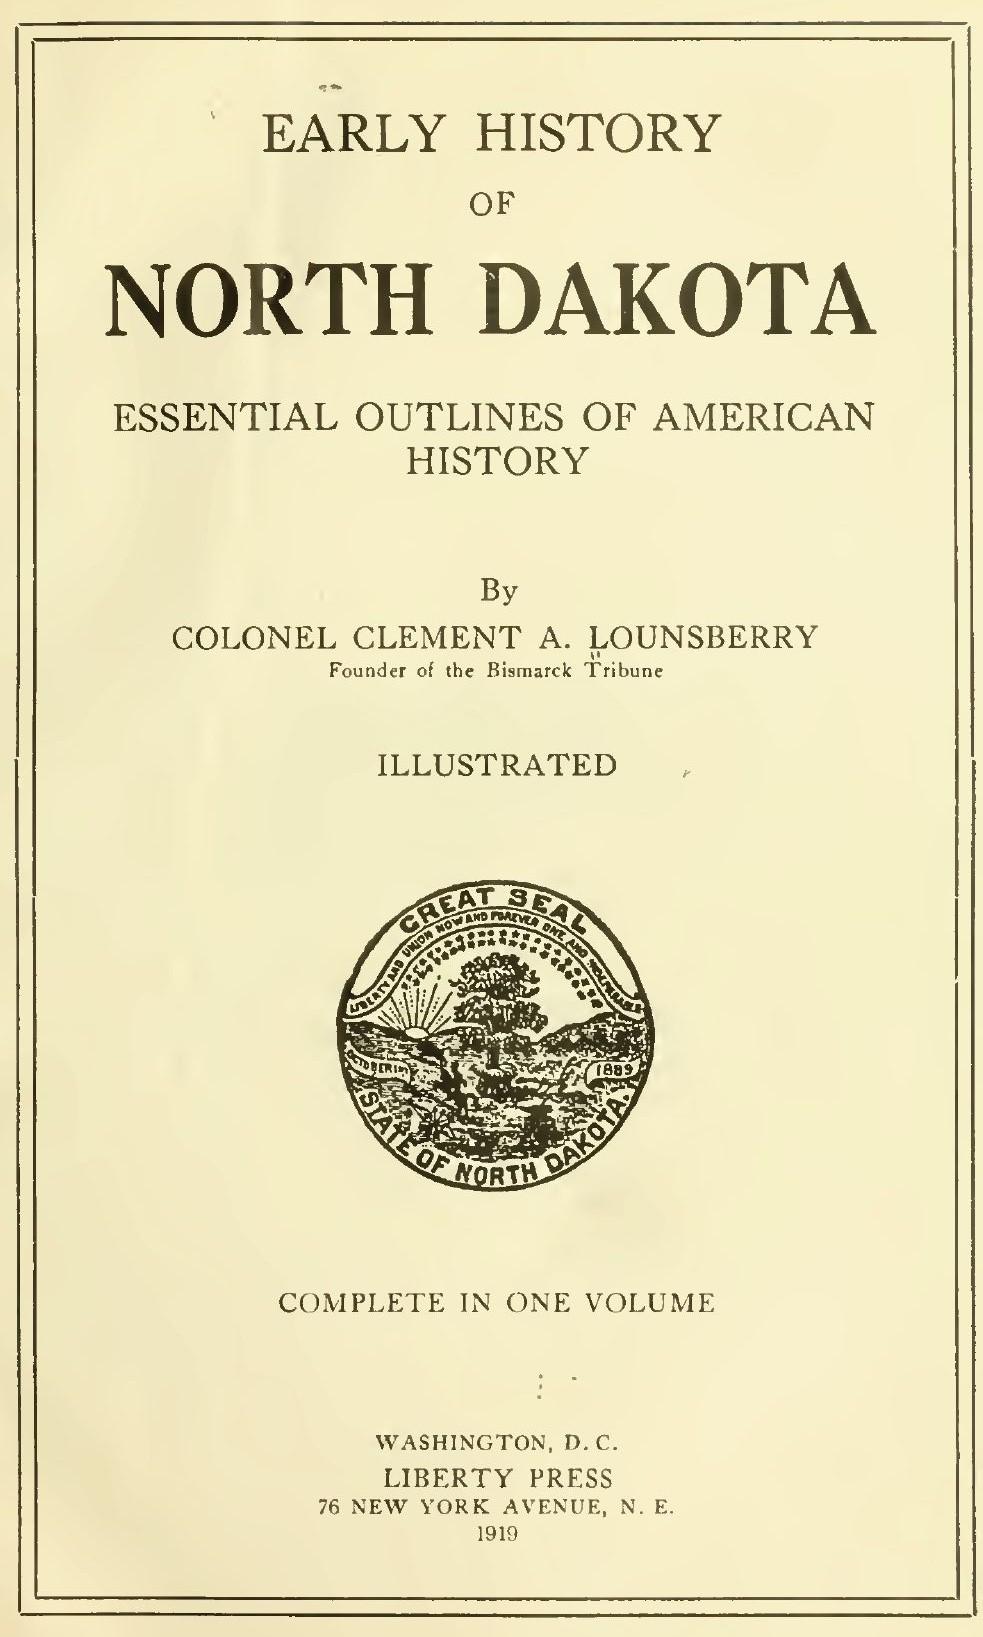 Bibliography of North Dakota history - Wikipedia